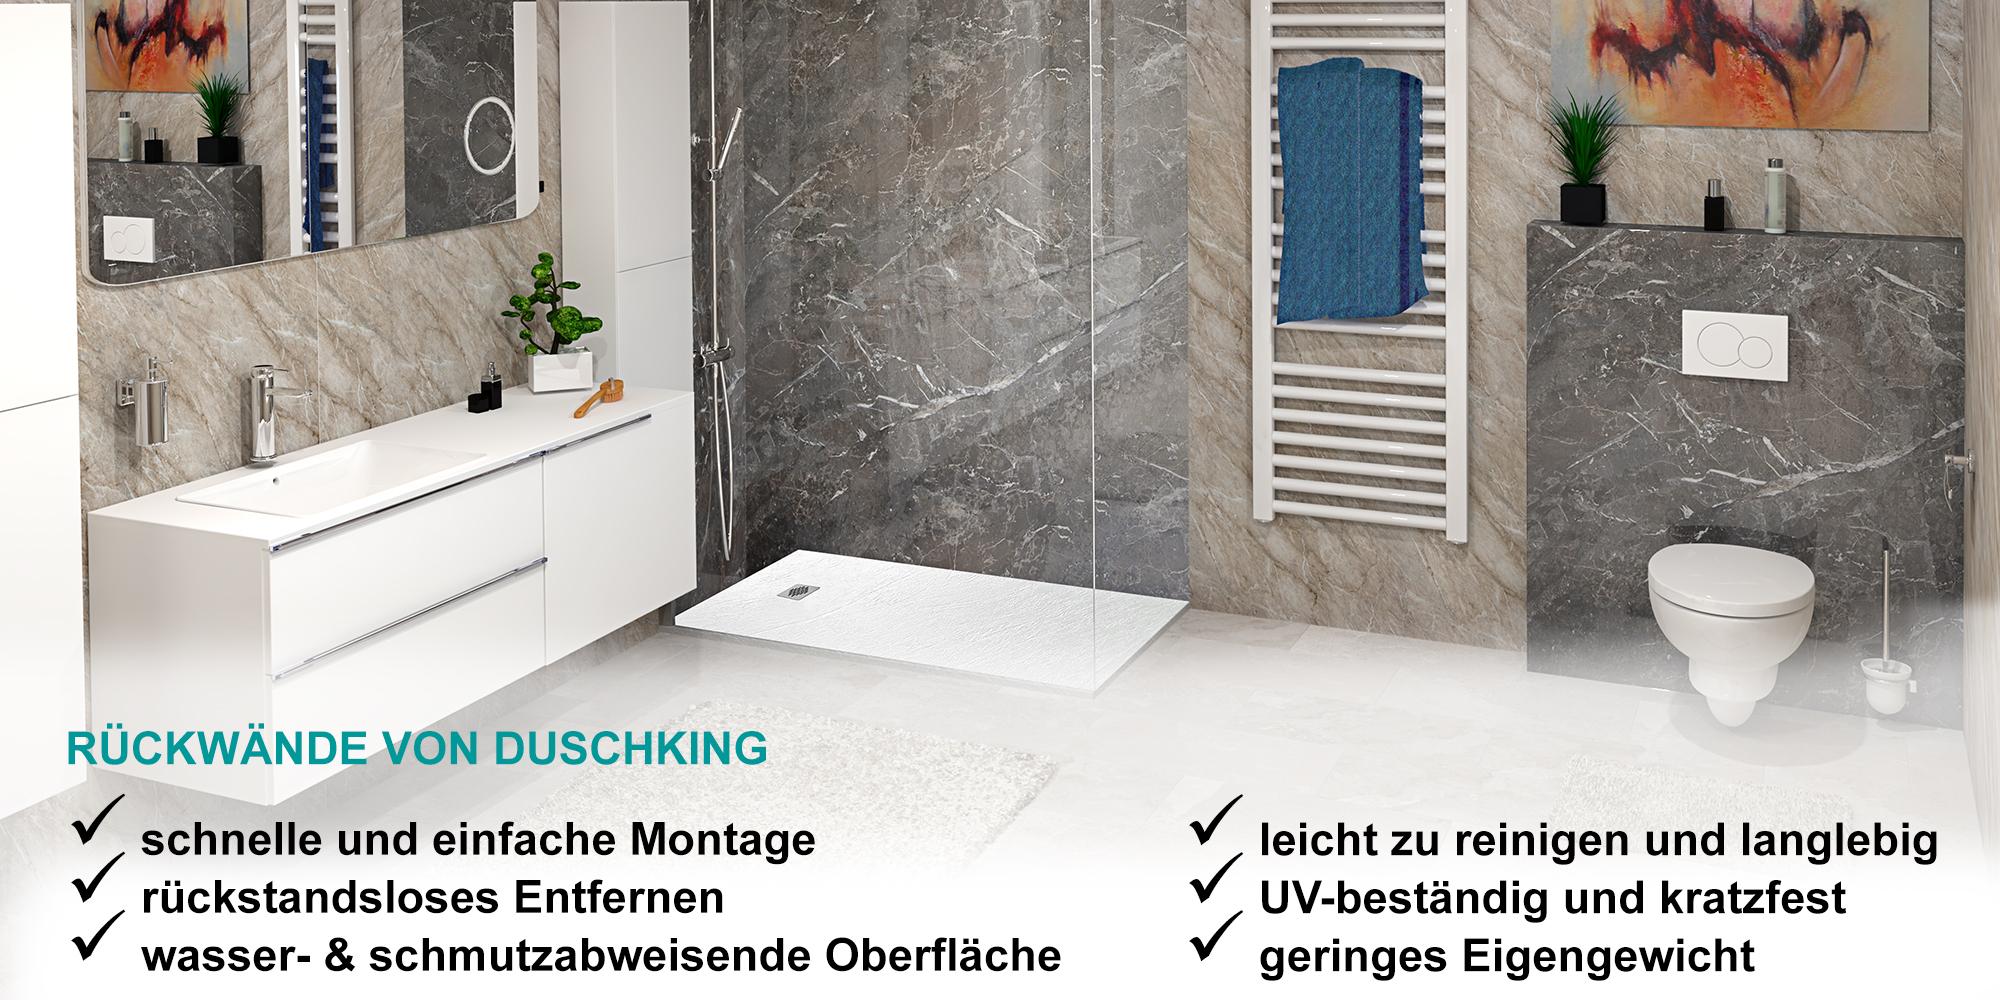 Sagen Sie Schimmel und Verfärbungen Ade: hochwertige Duschrückwände für eine Dusche ohne Fliesen